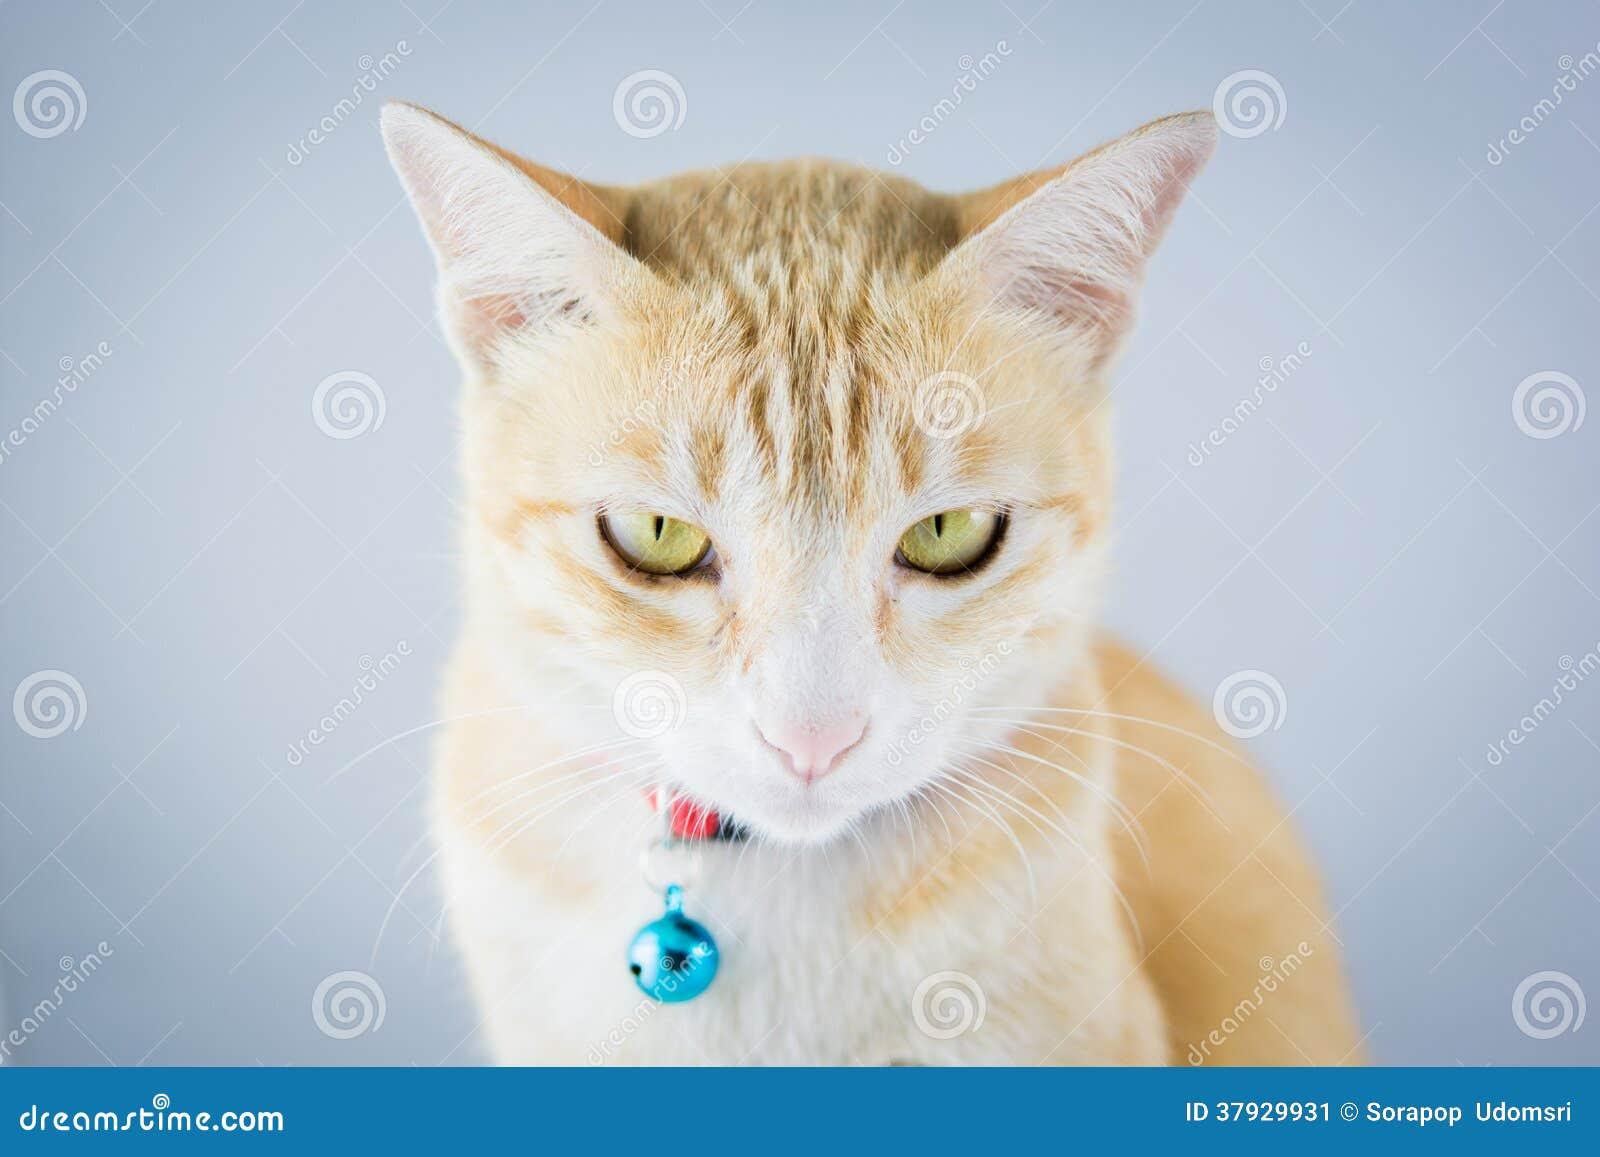 Кот имбиря оранжевый имеет воротник и колокол